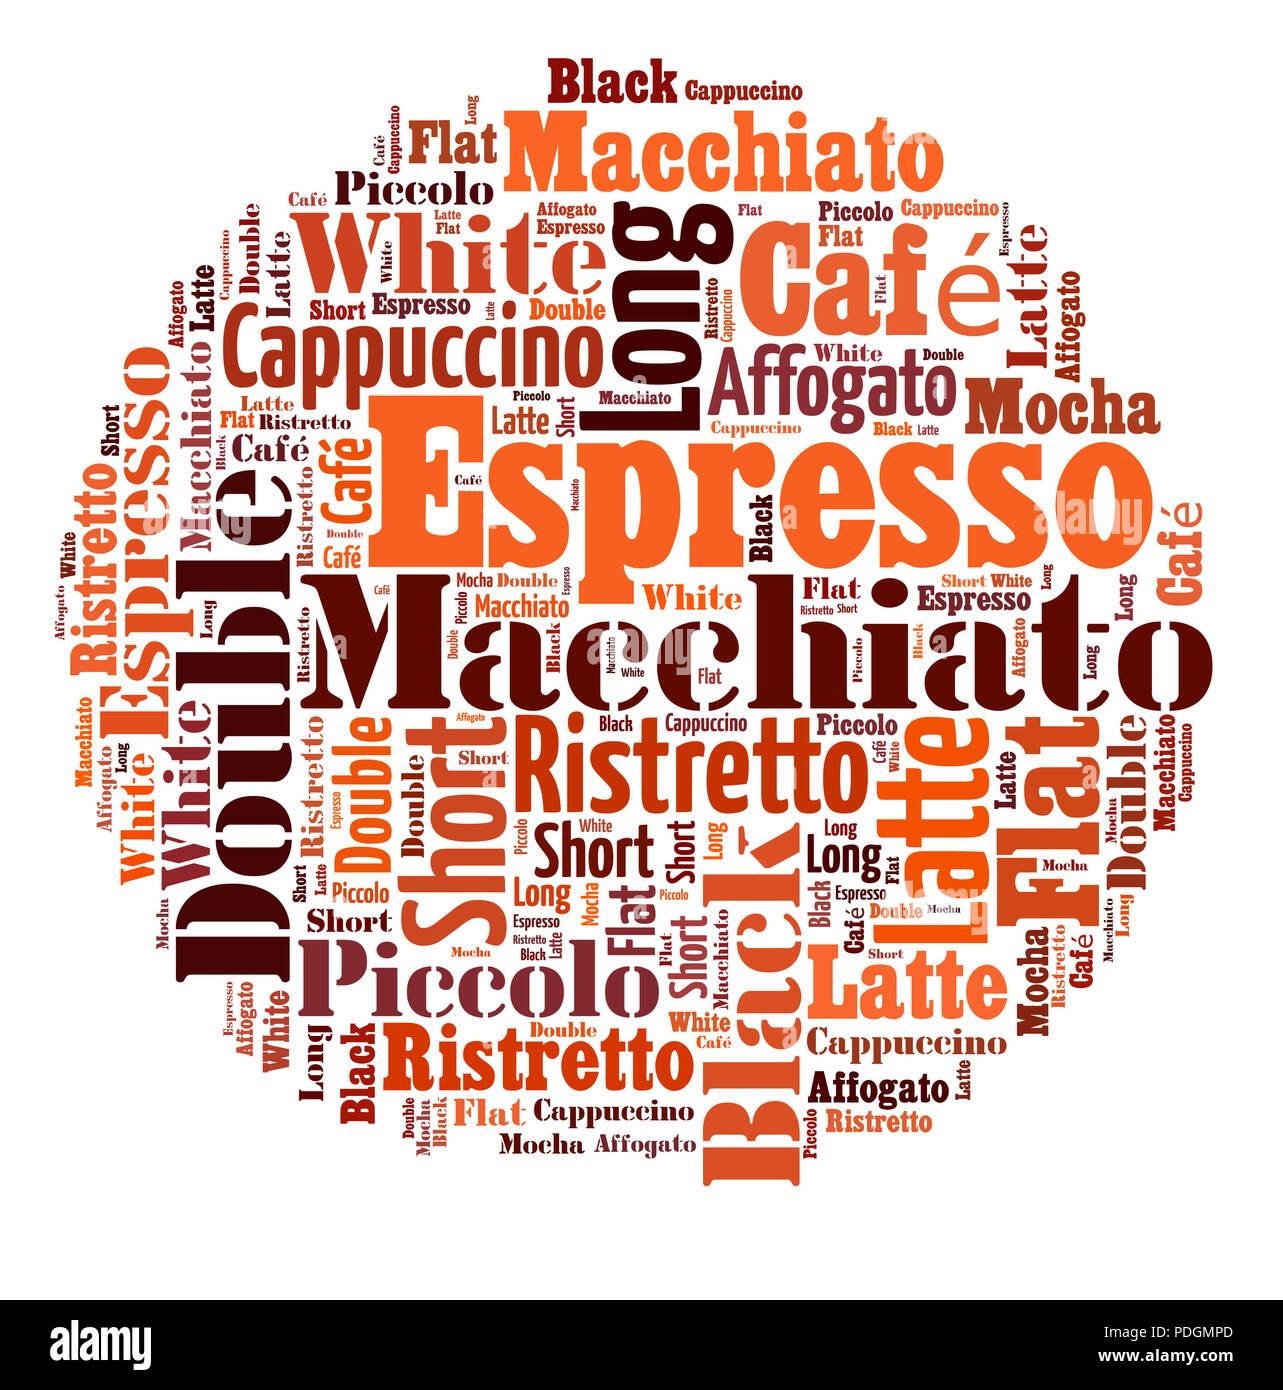 Index der Kaffeegetränke Worte cloud Collage, Plakat Hintergrund ...